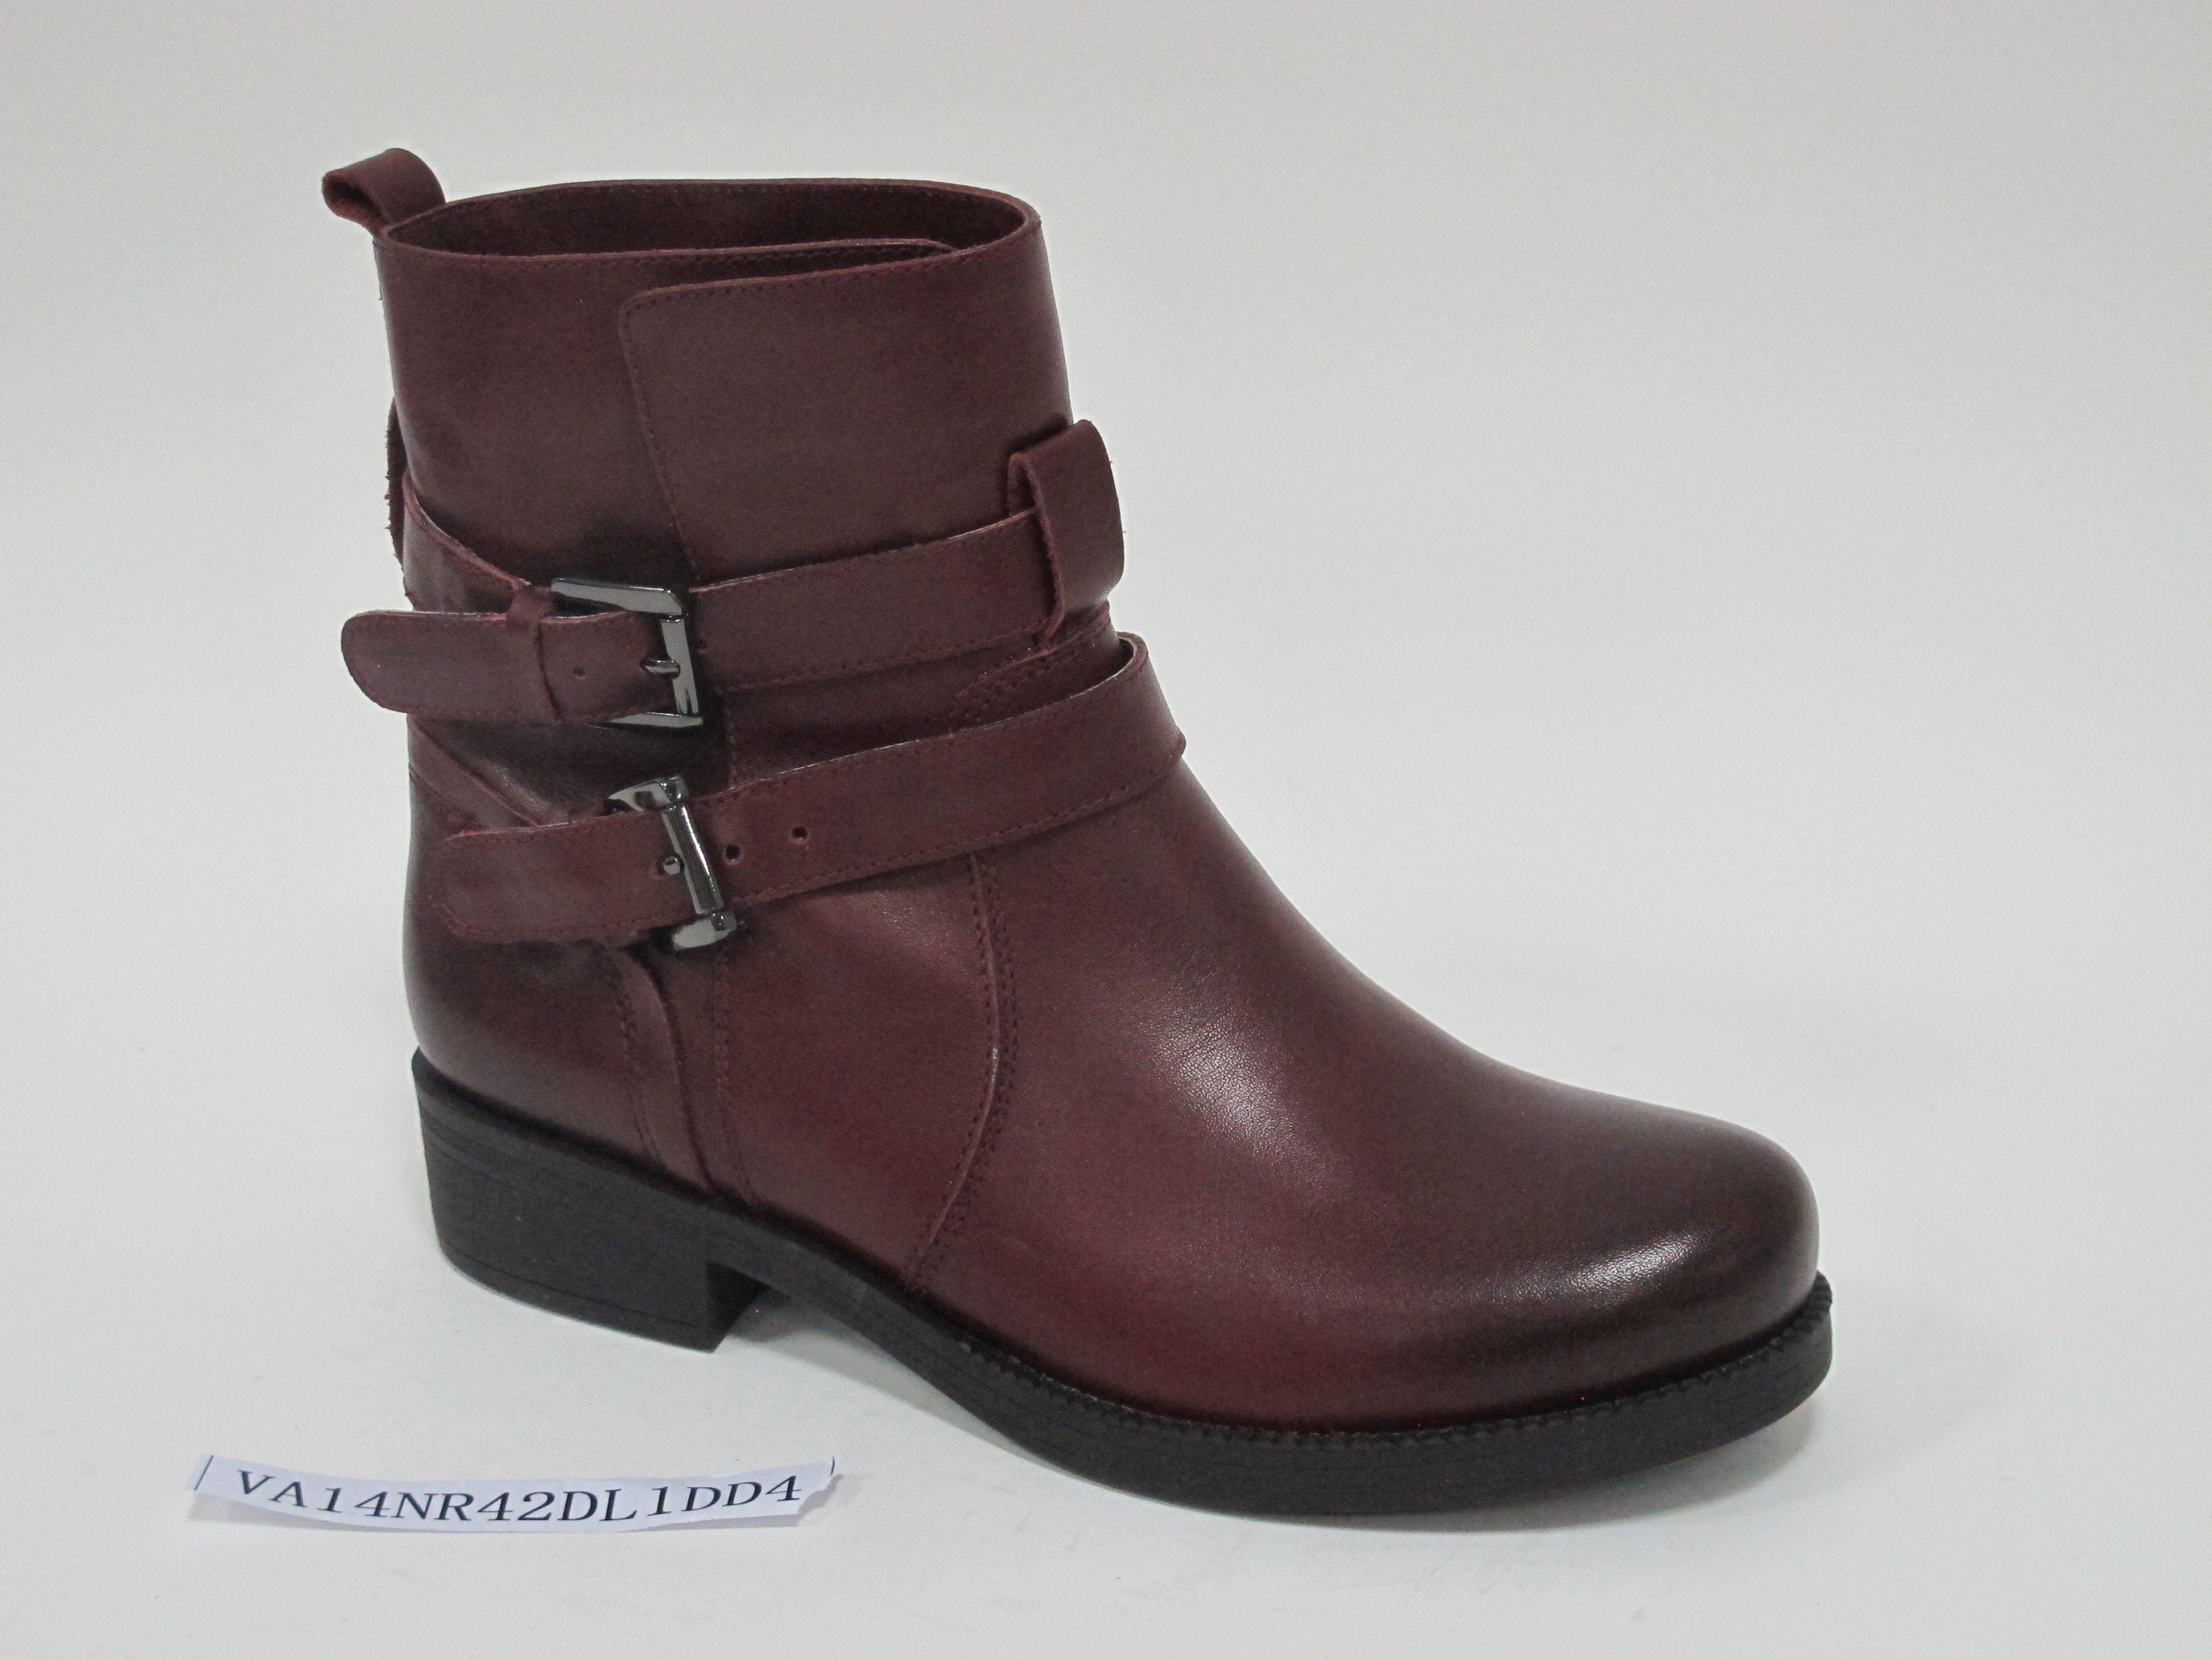 森达女鞋2014新款酒红色短靴图片